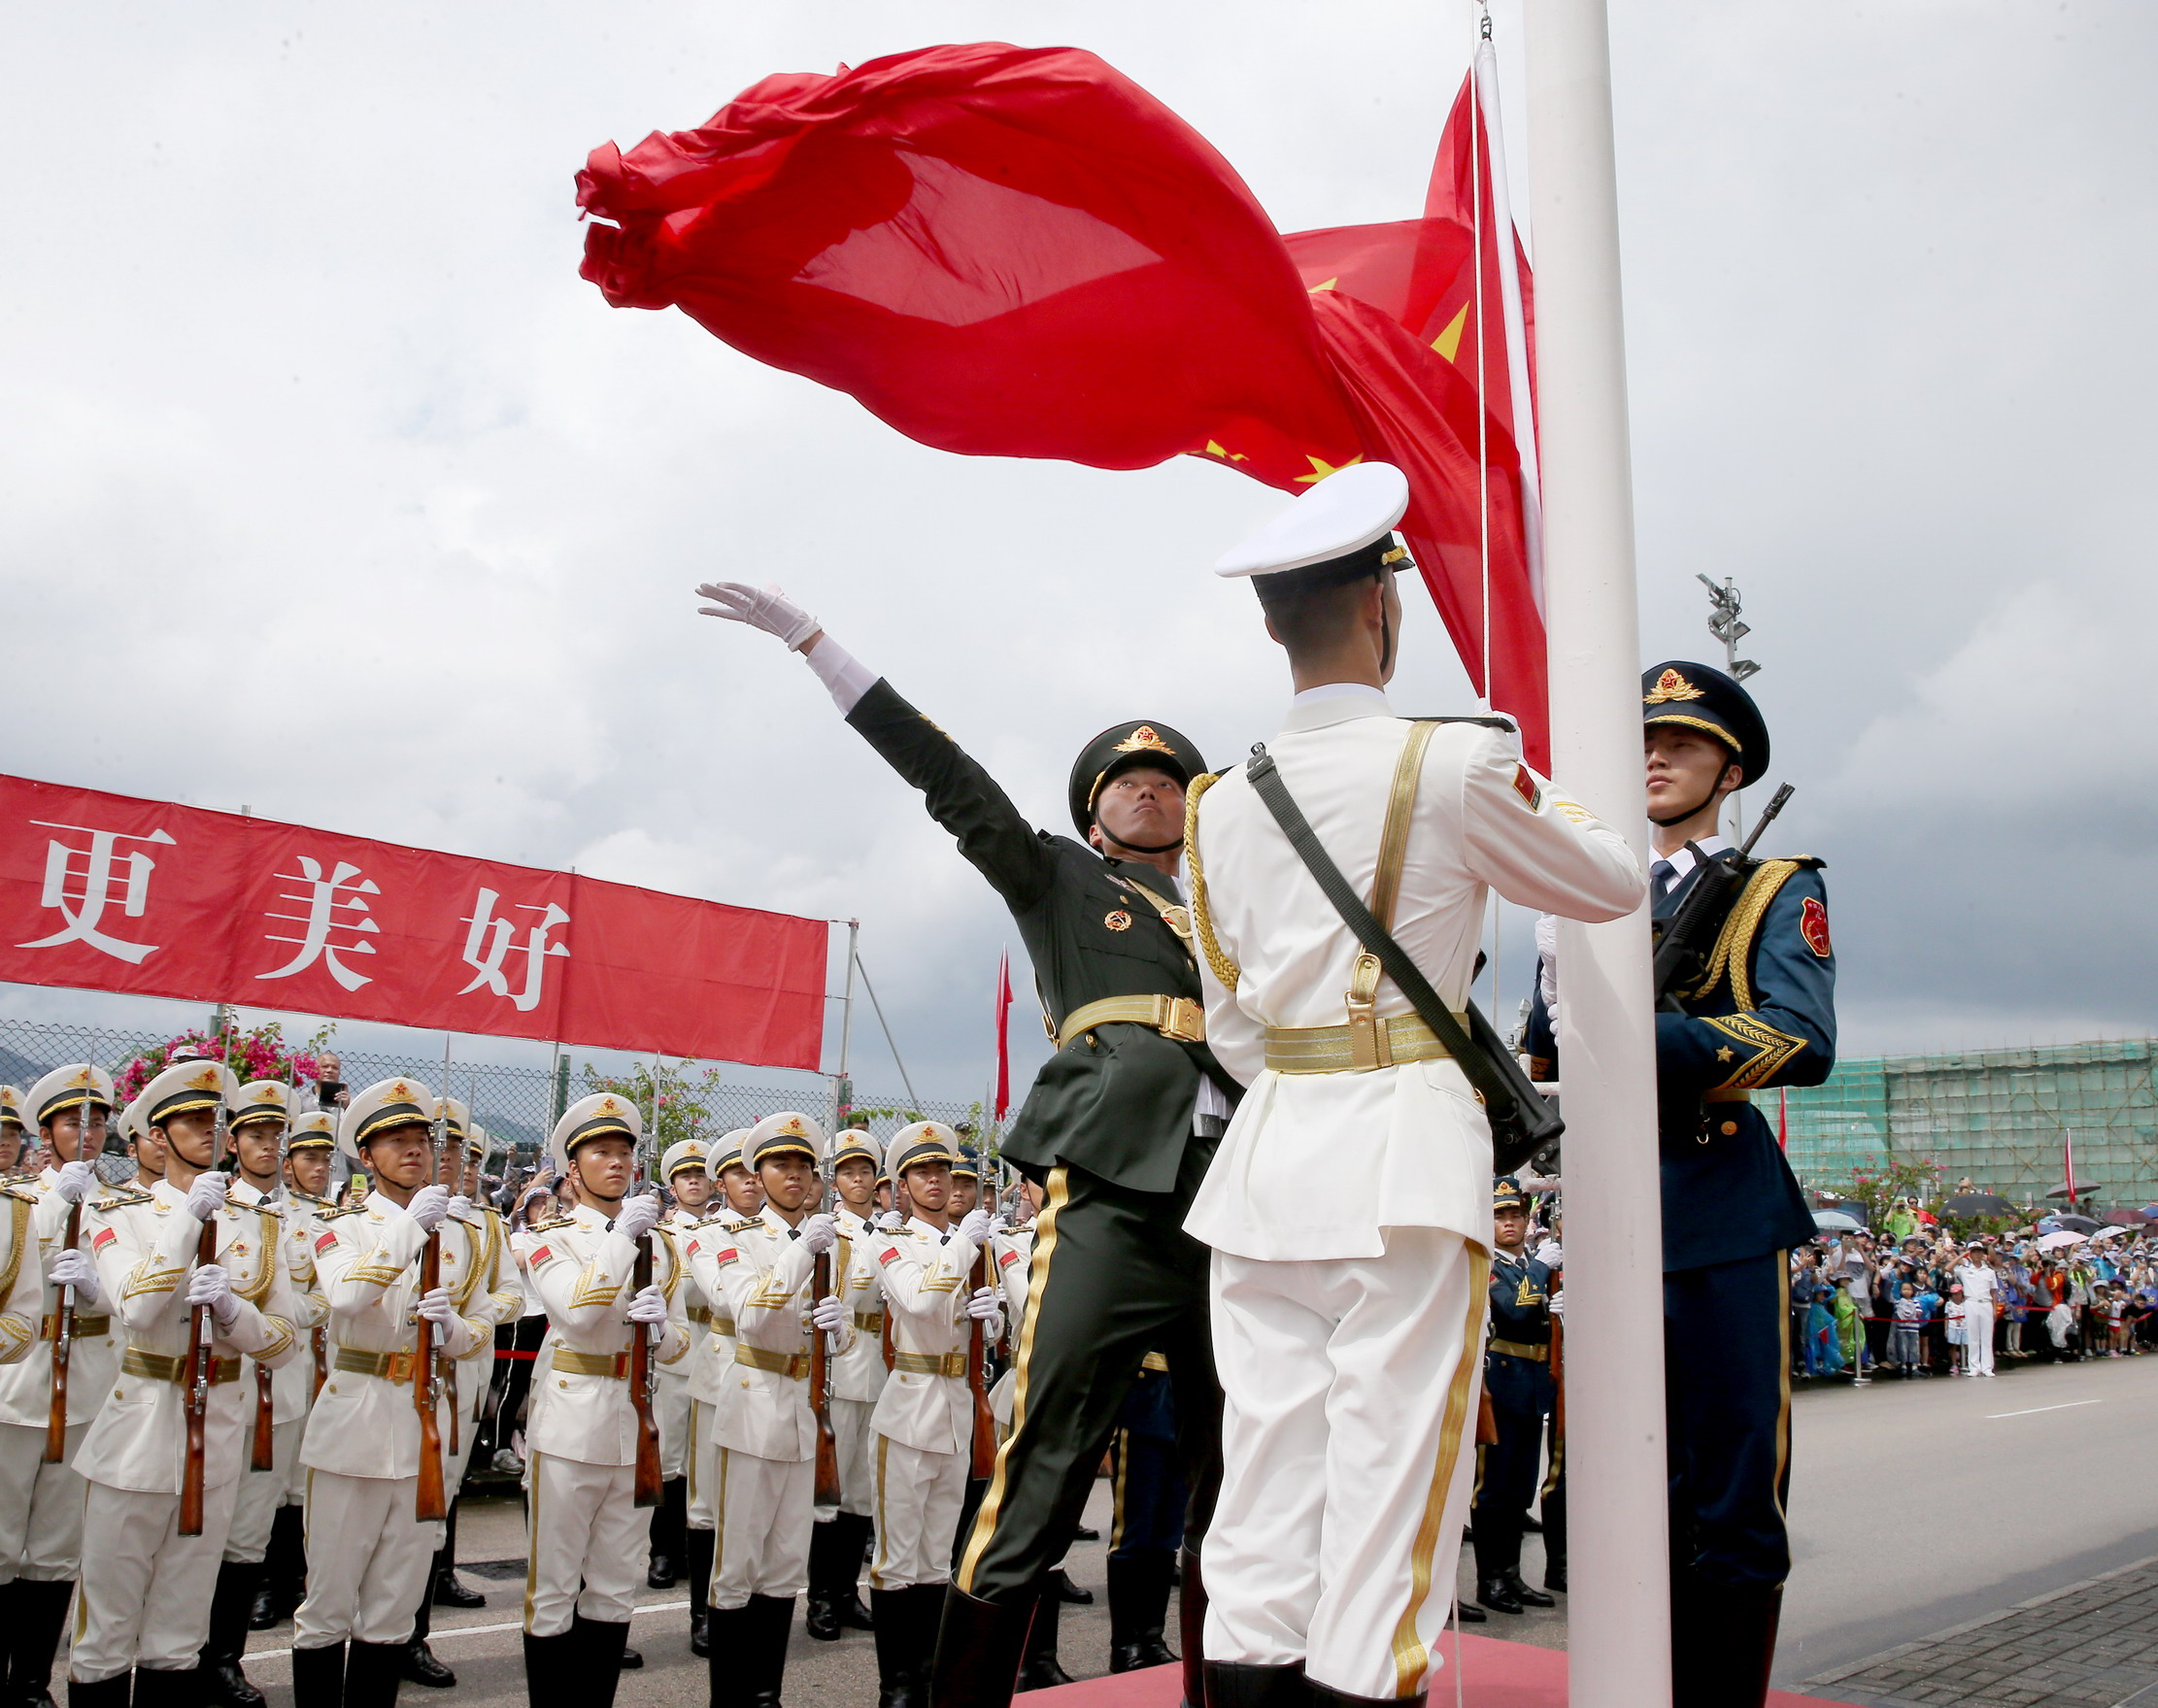 亲身感受祖国的强盛——香港青年学生参访驻港部队海军基